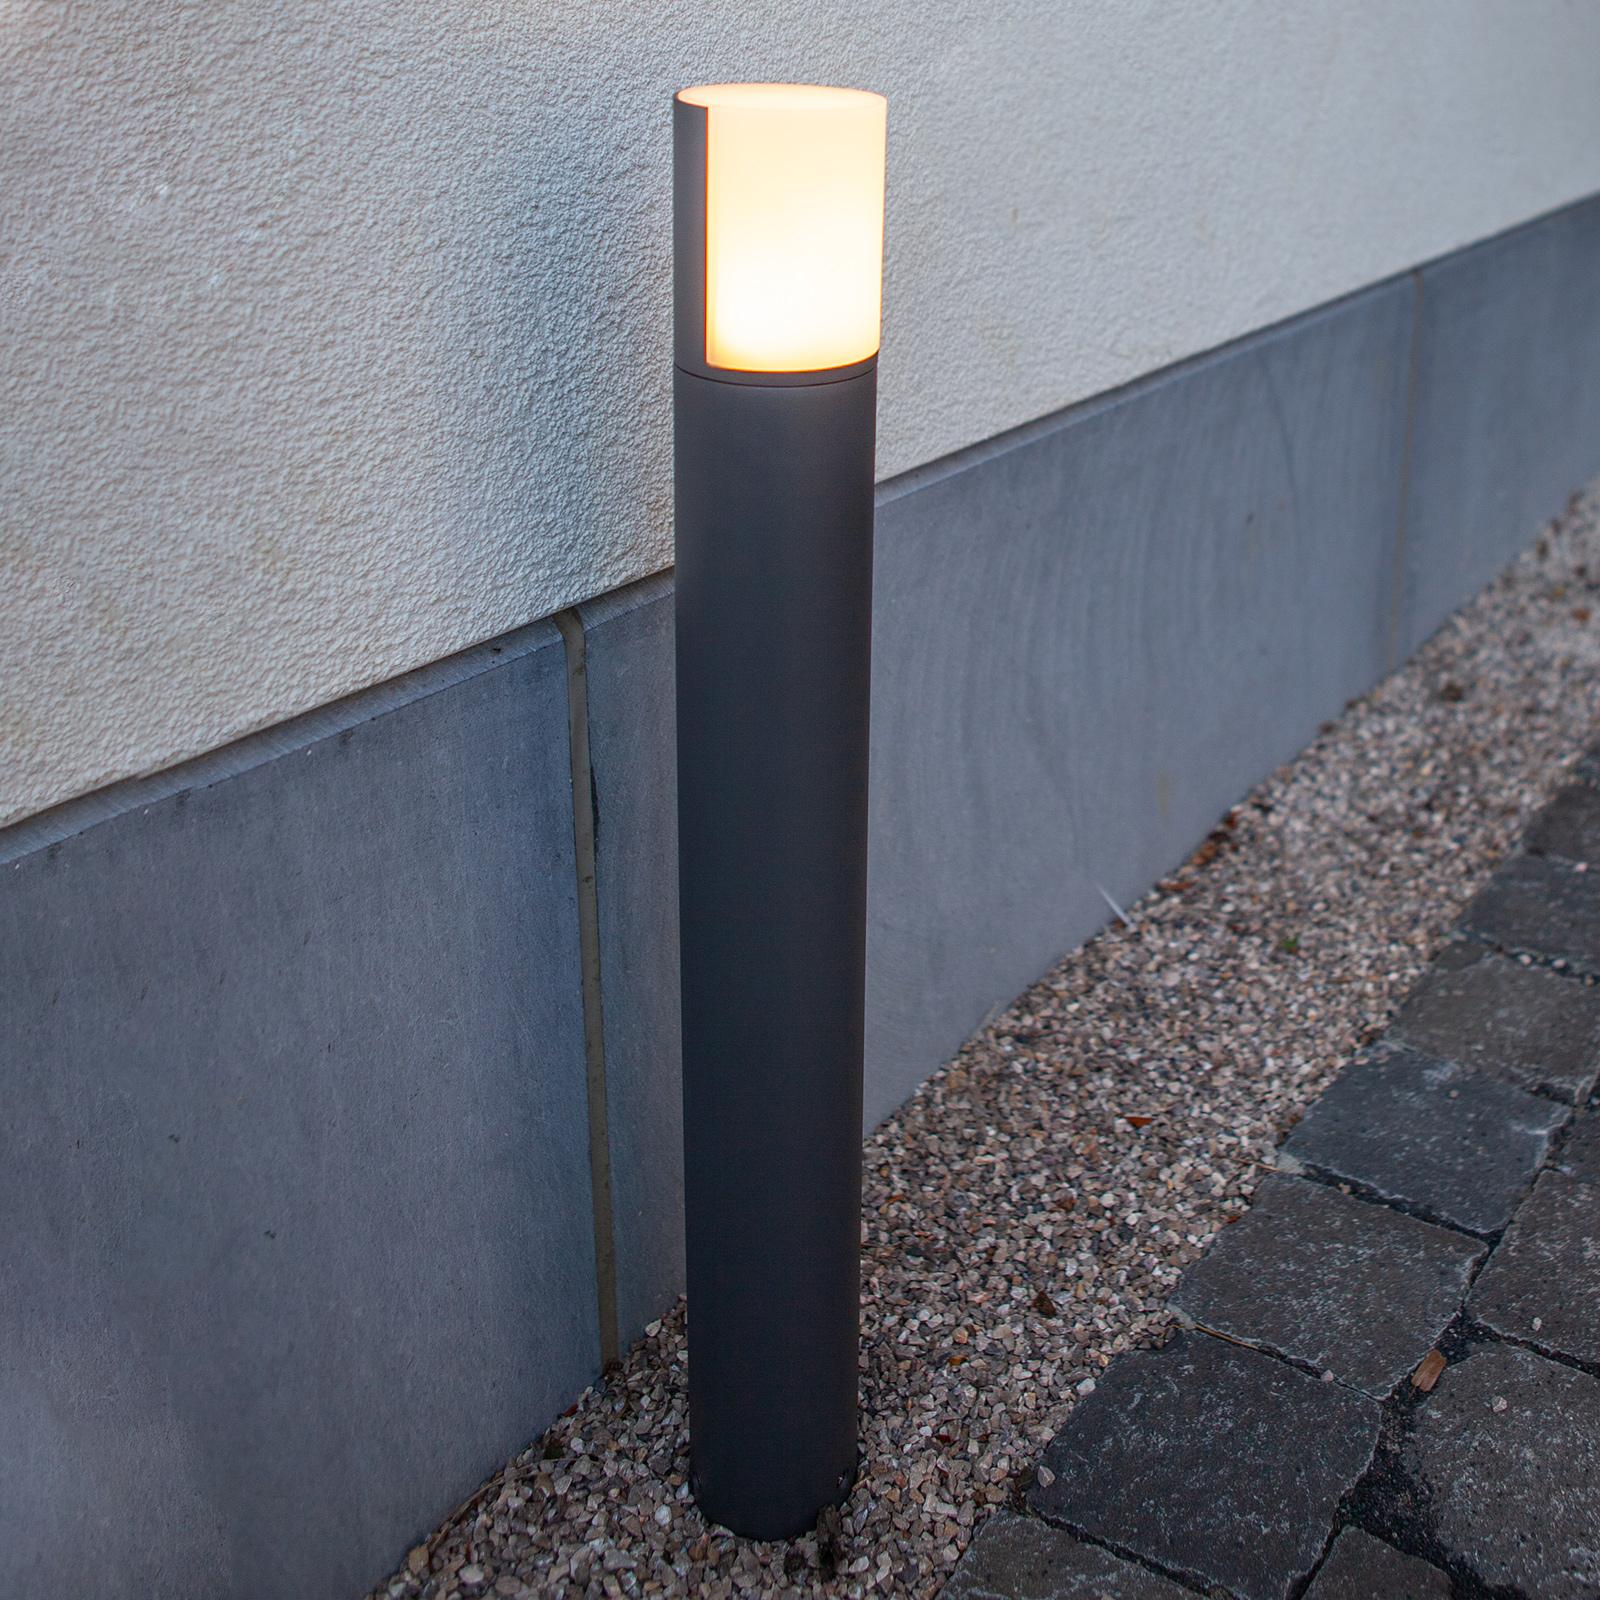 LED-Wegeleuchte Cyra, Leuchtenkopf drehbar